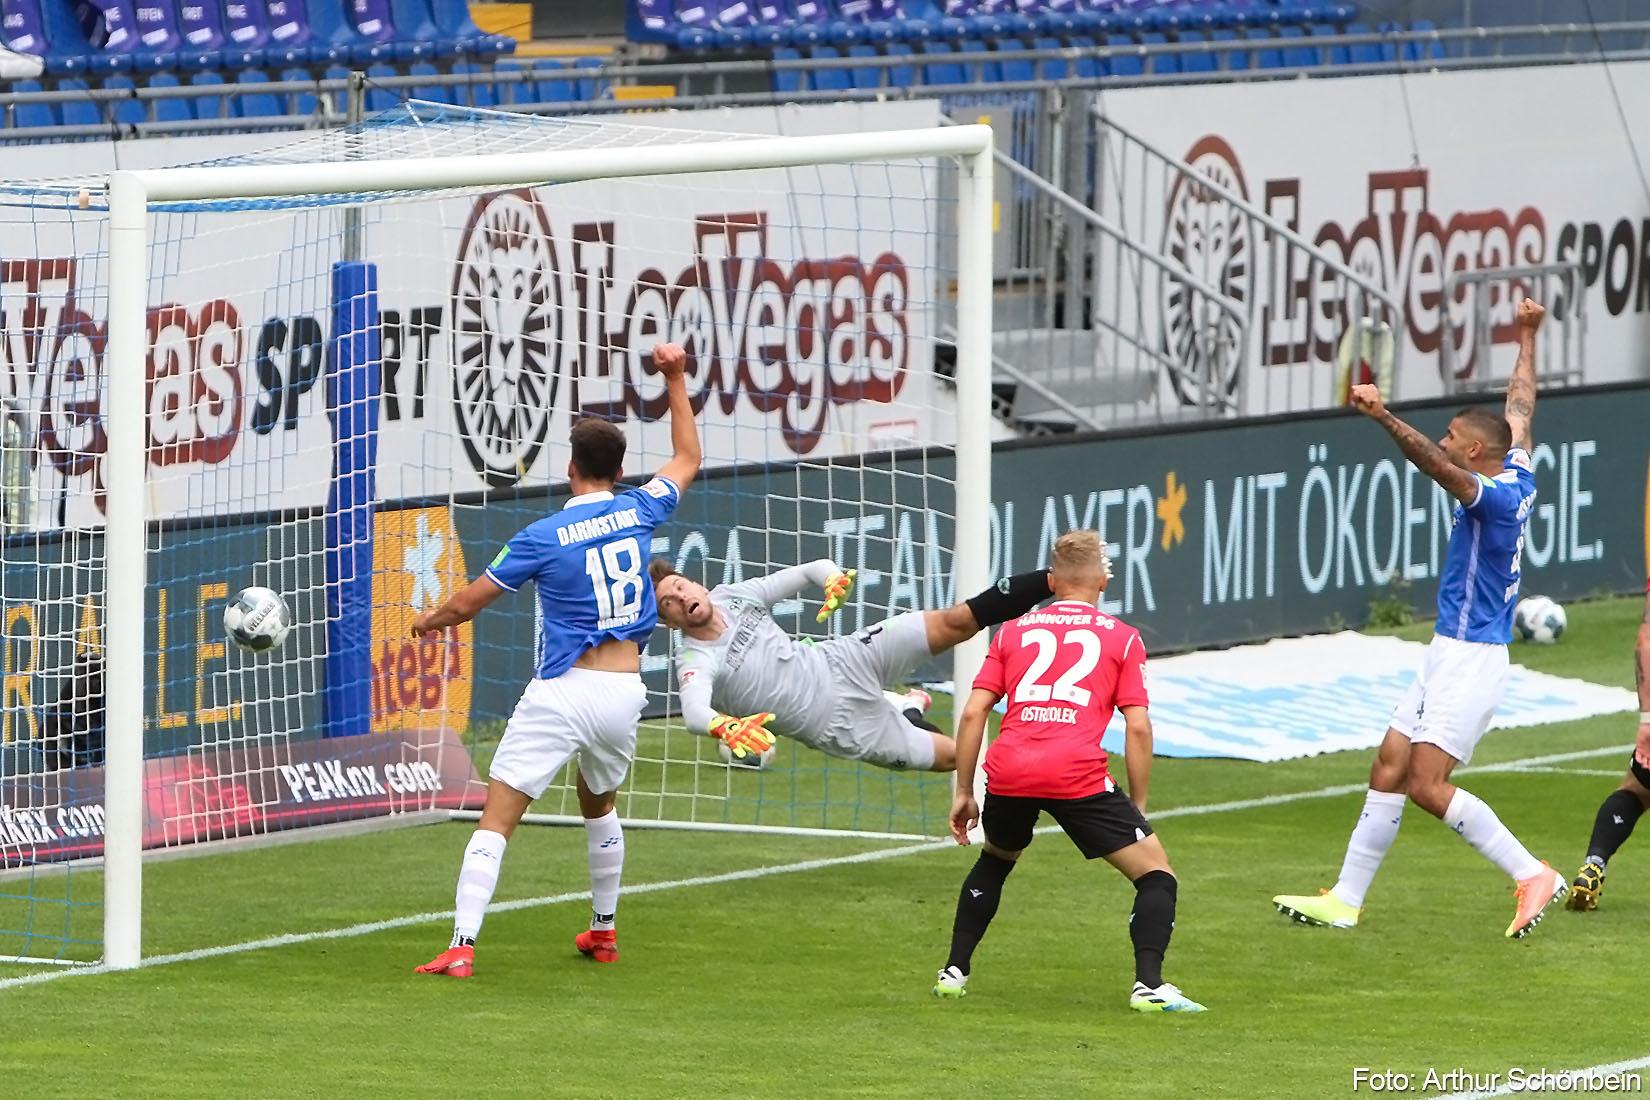 SV Darmstadt 98 – Hannover 96 3:2 (1:0)